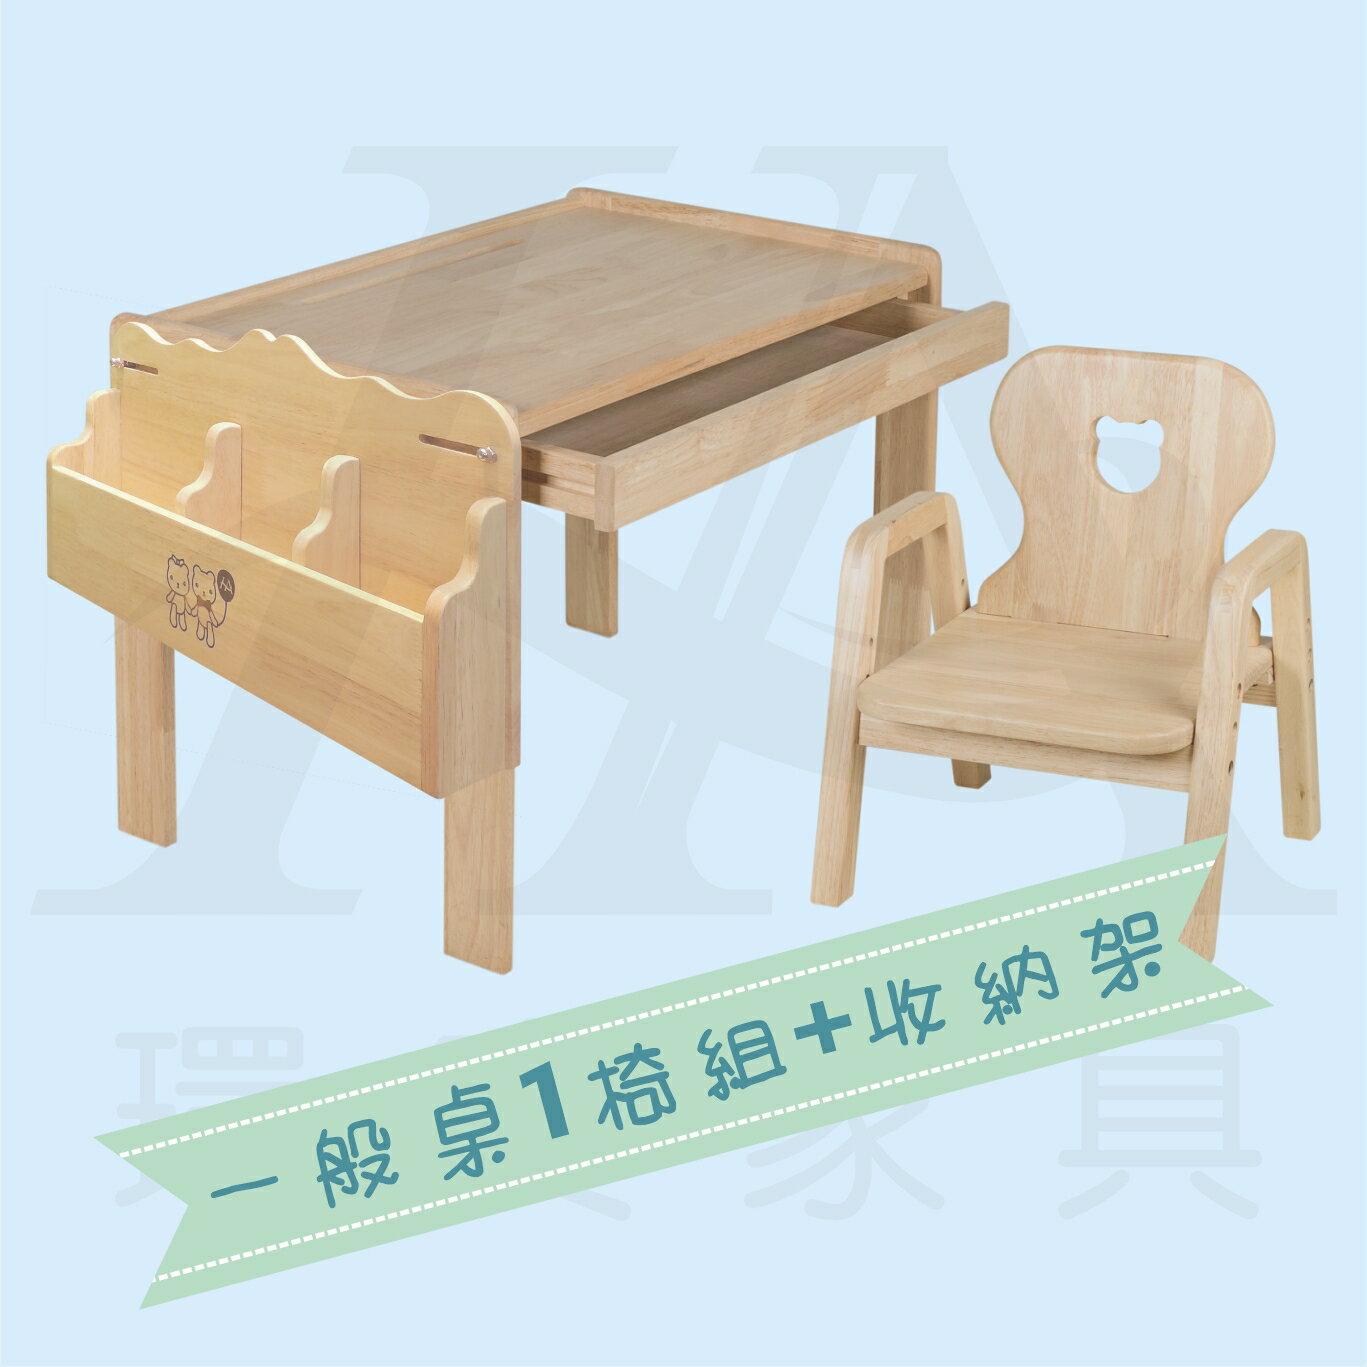 環安家具-★樂天專屬★幼兒成長桌1椅組+成長桌外掛收納架合購套組優惠購